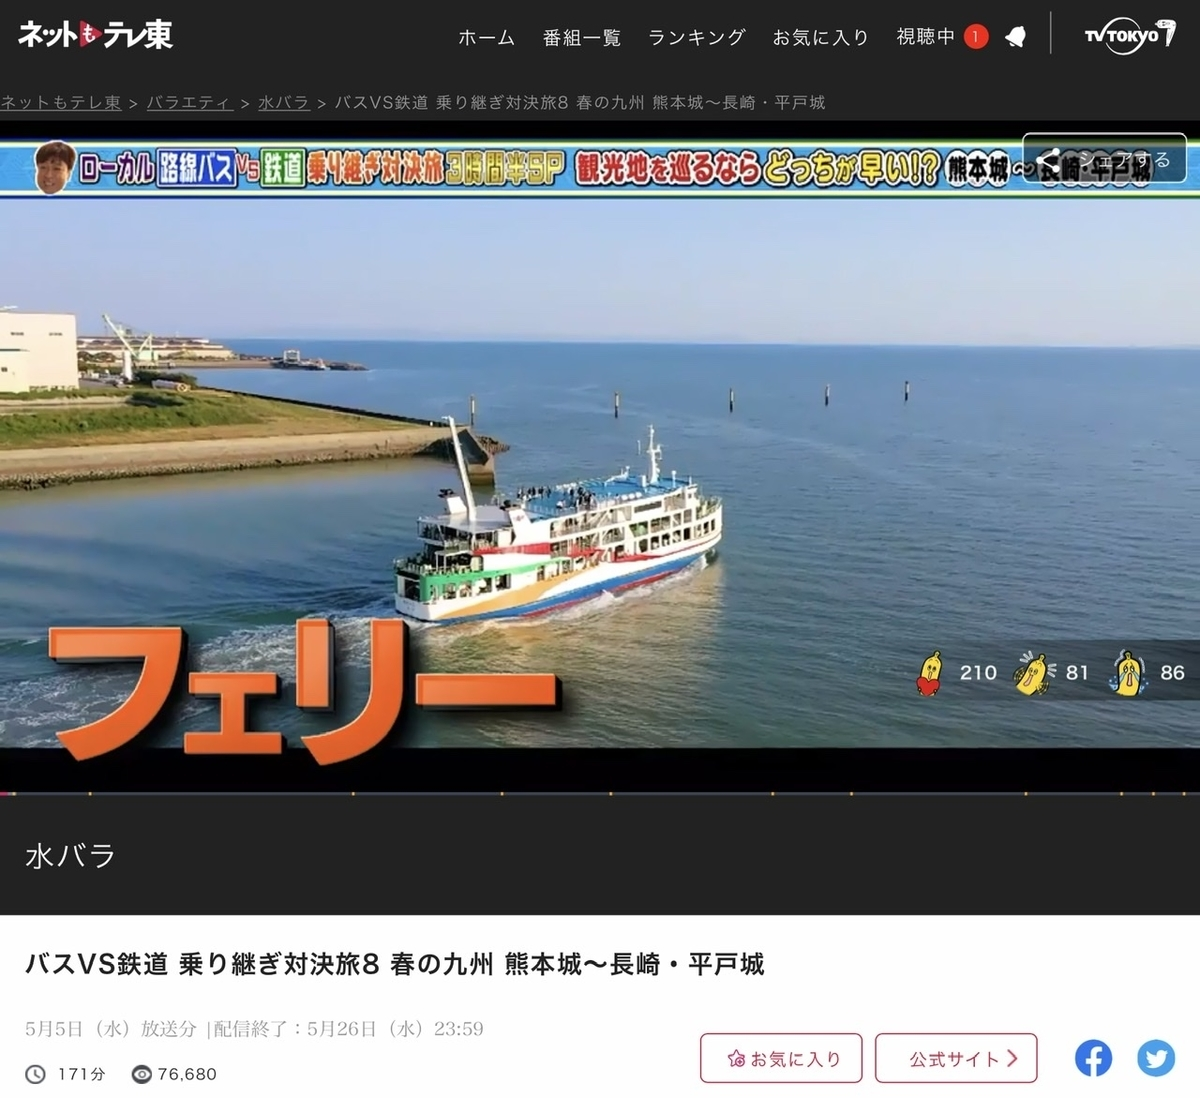 f:id:yujiro-1:20210508053809j:plain